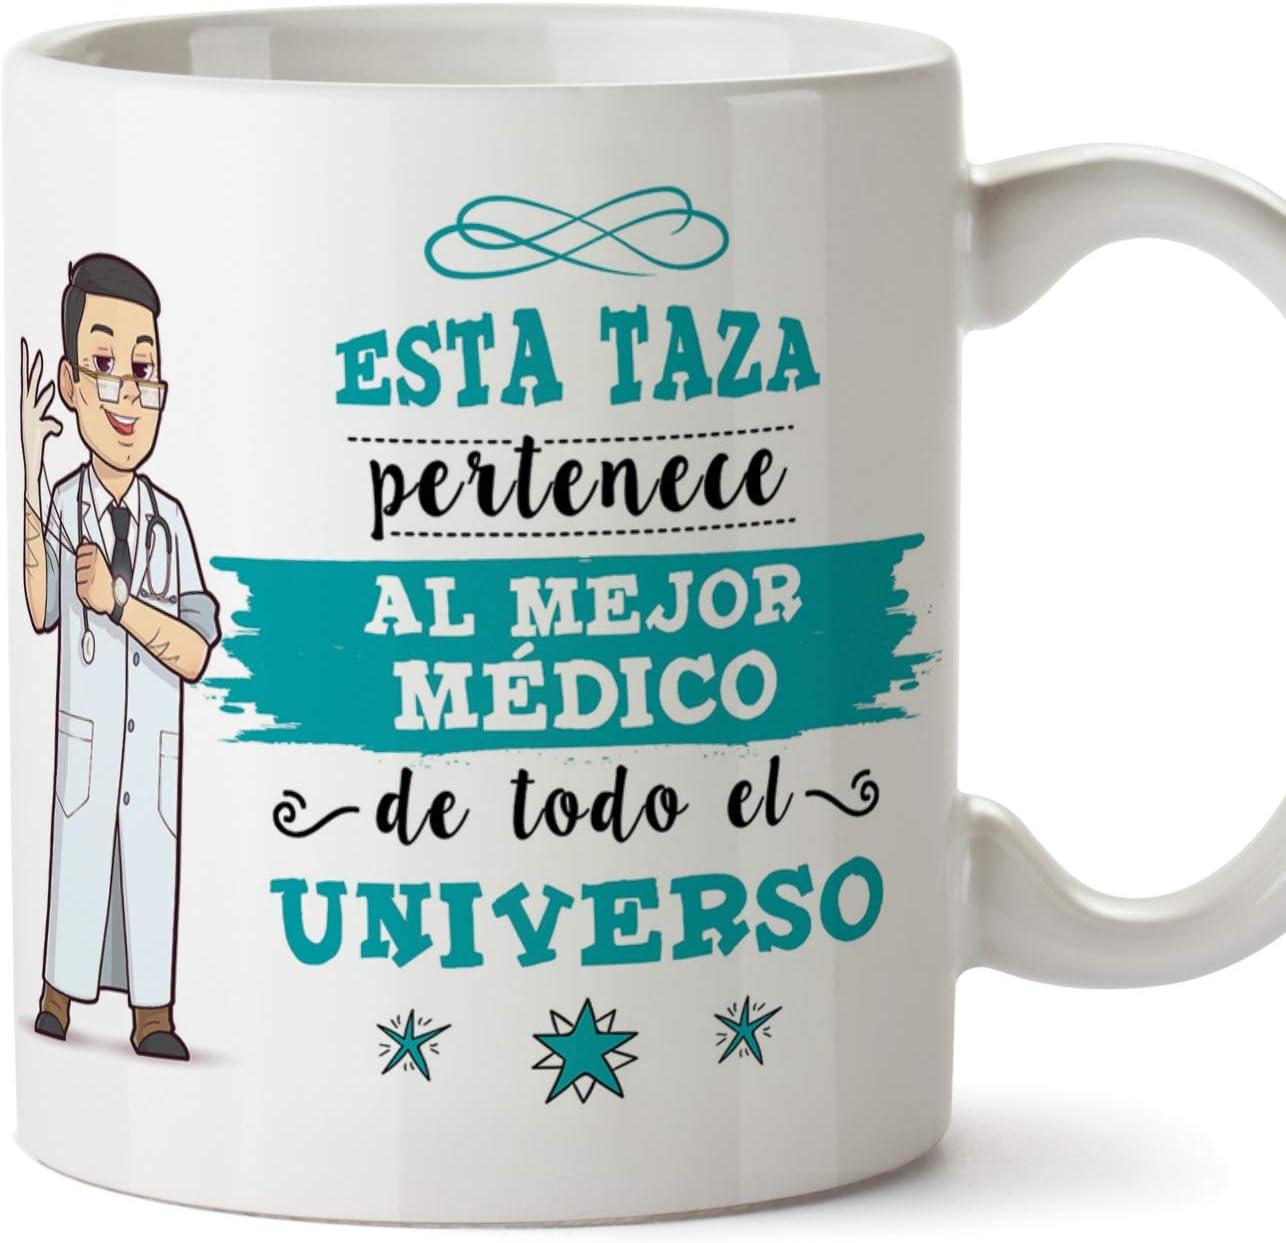 MUGFFINS Médico Tazas Originales de café y Desayuno para Regalar a Trabajadores Profesionales - Esta Taza Pertenece al Mejor Médico del Universo - Cerámica 350 ml